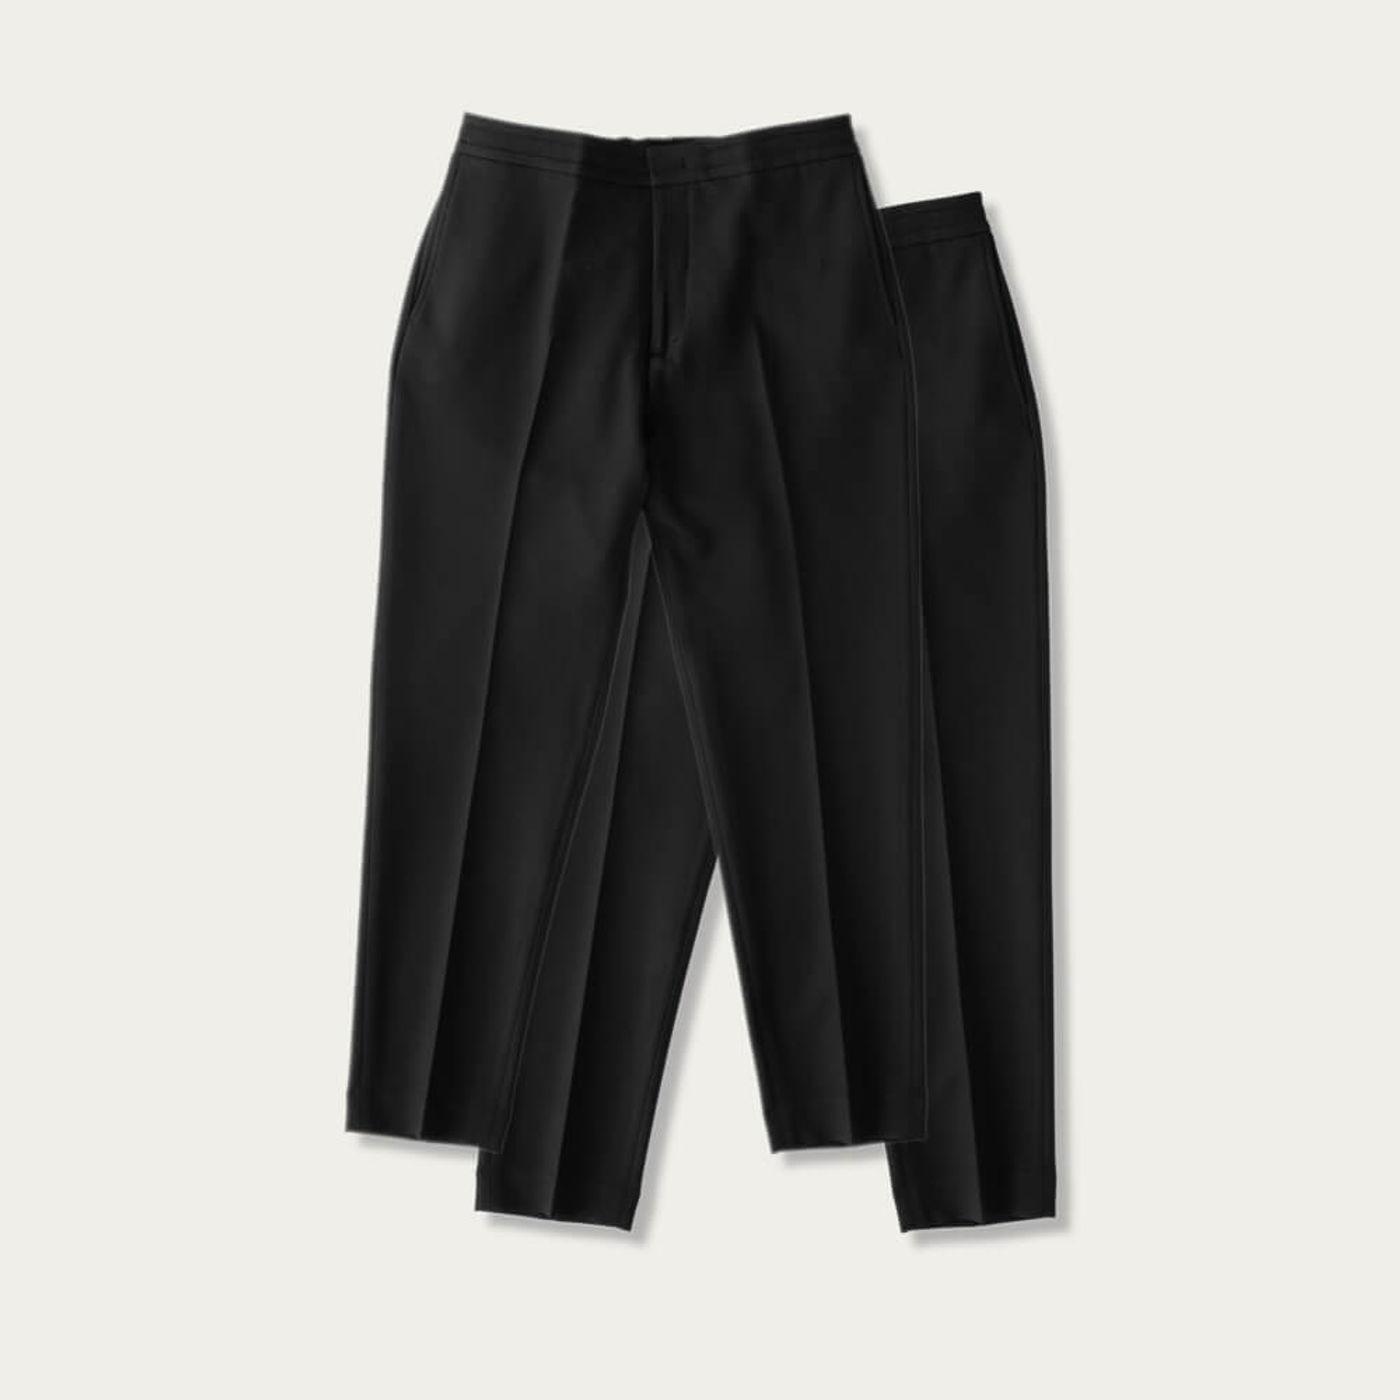 Black/Black Easy Tailored Trouser - Pack of 2 | Bombinate